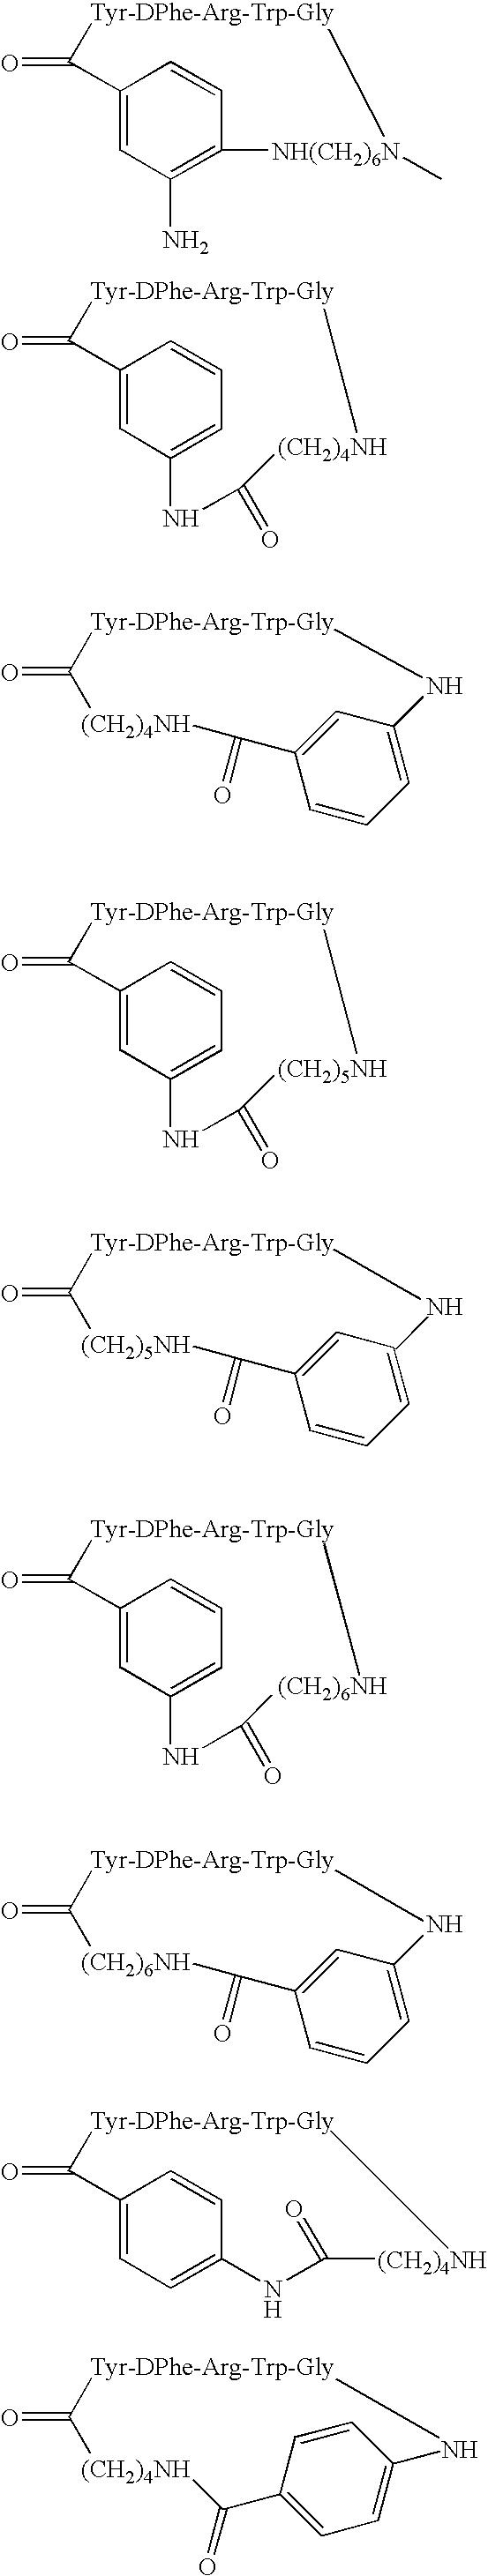 Figure US06951916-20051004-C00008